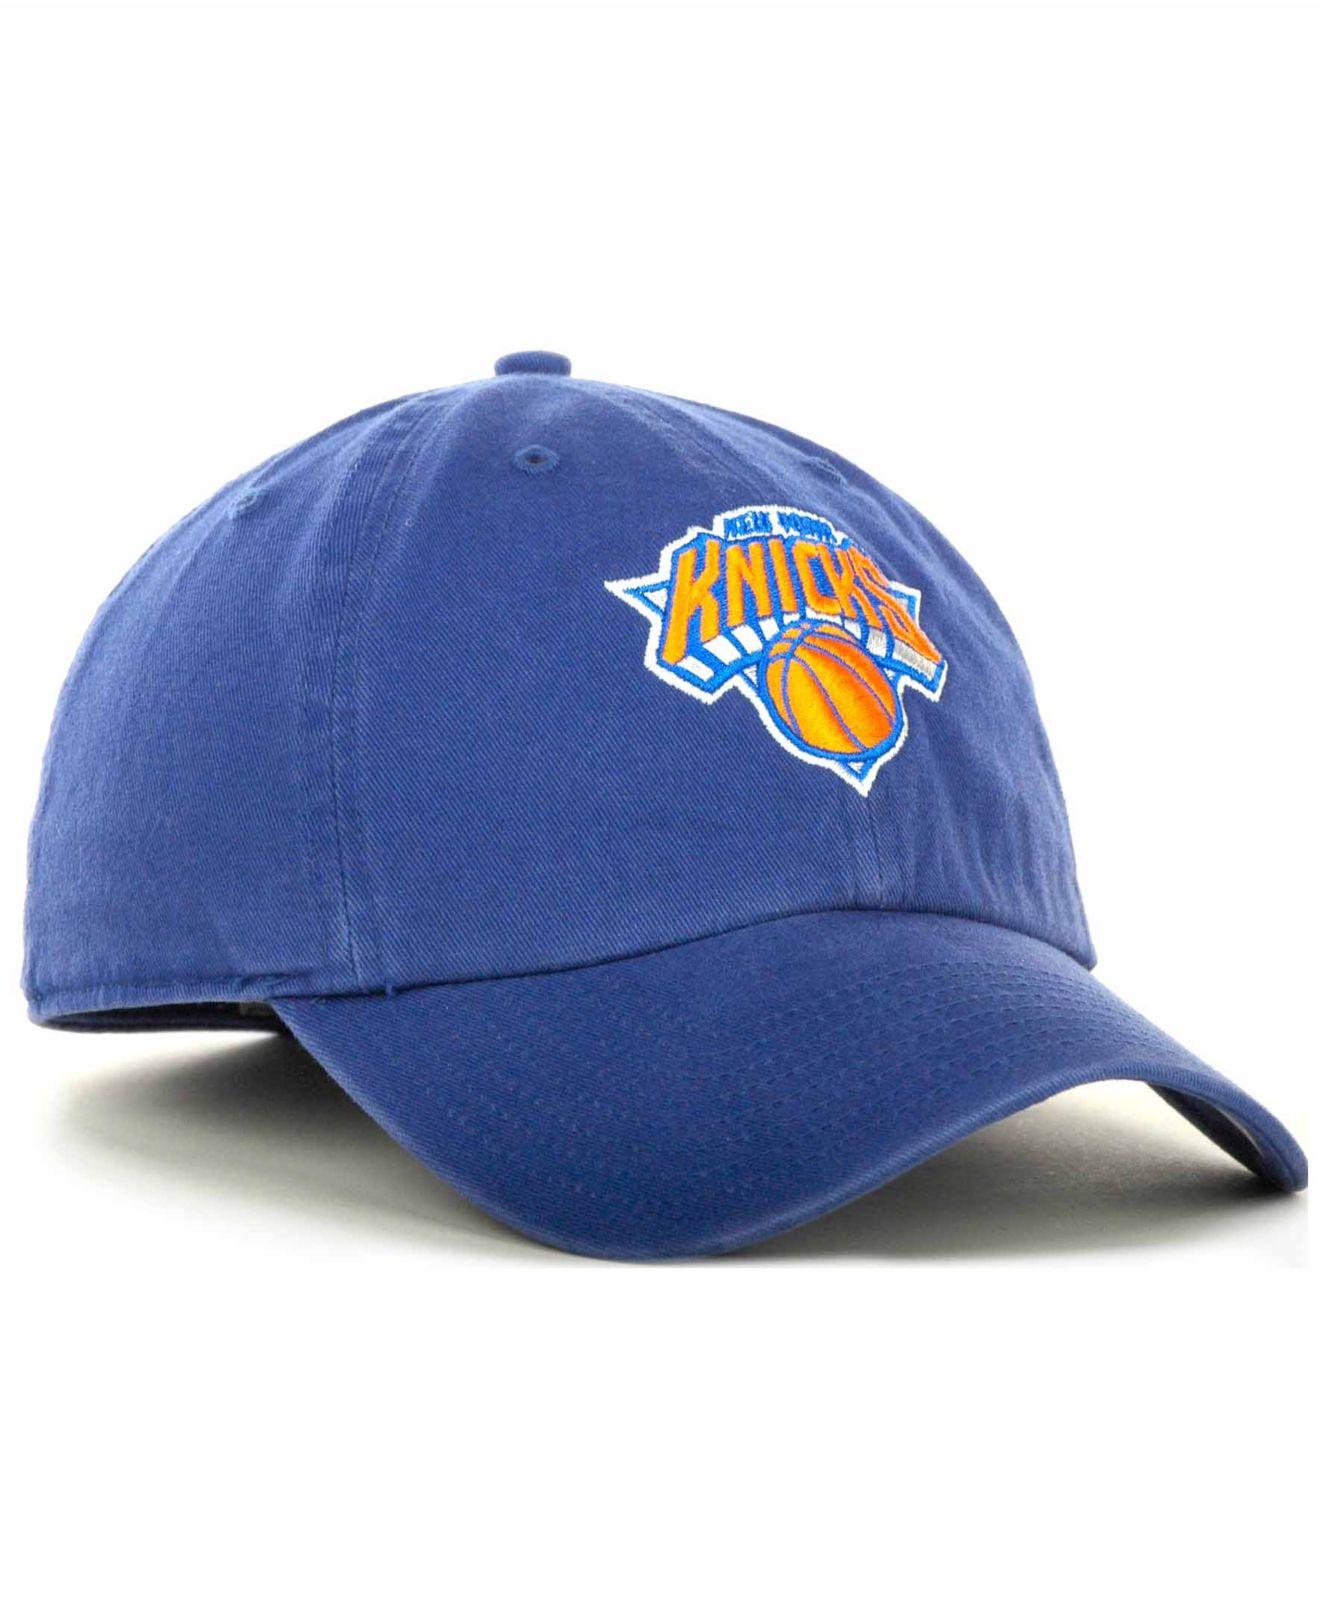 cb6ea28203b3b 47 Brand New York Knicks Hardwood Classics Franchise Hat in Blue for ...